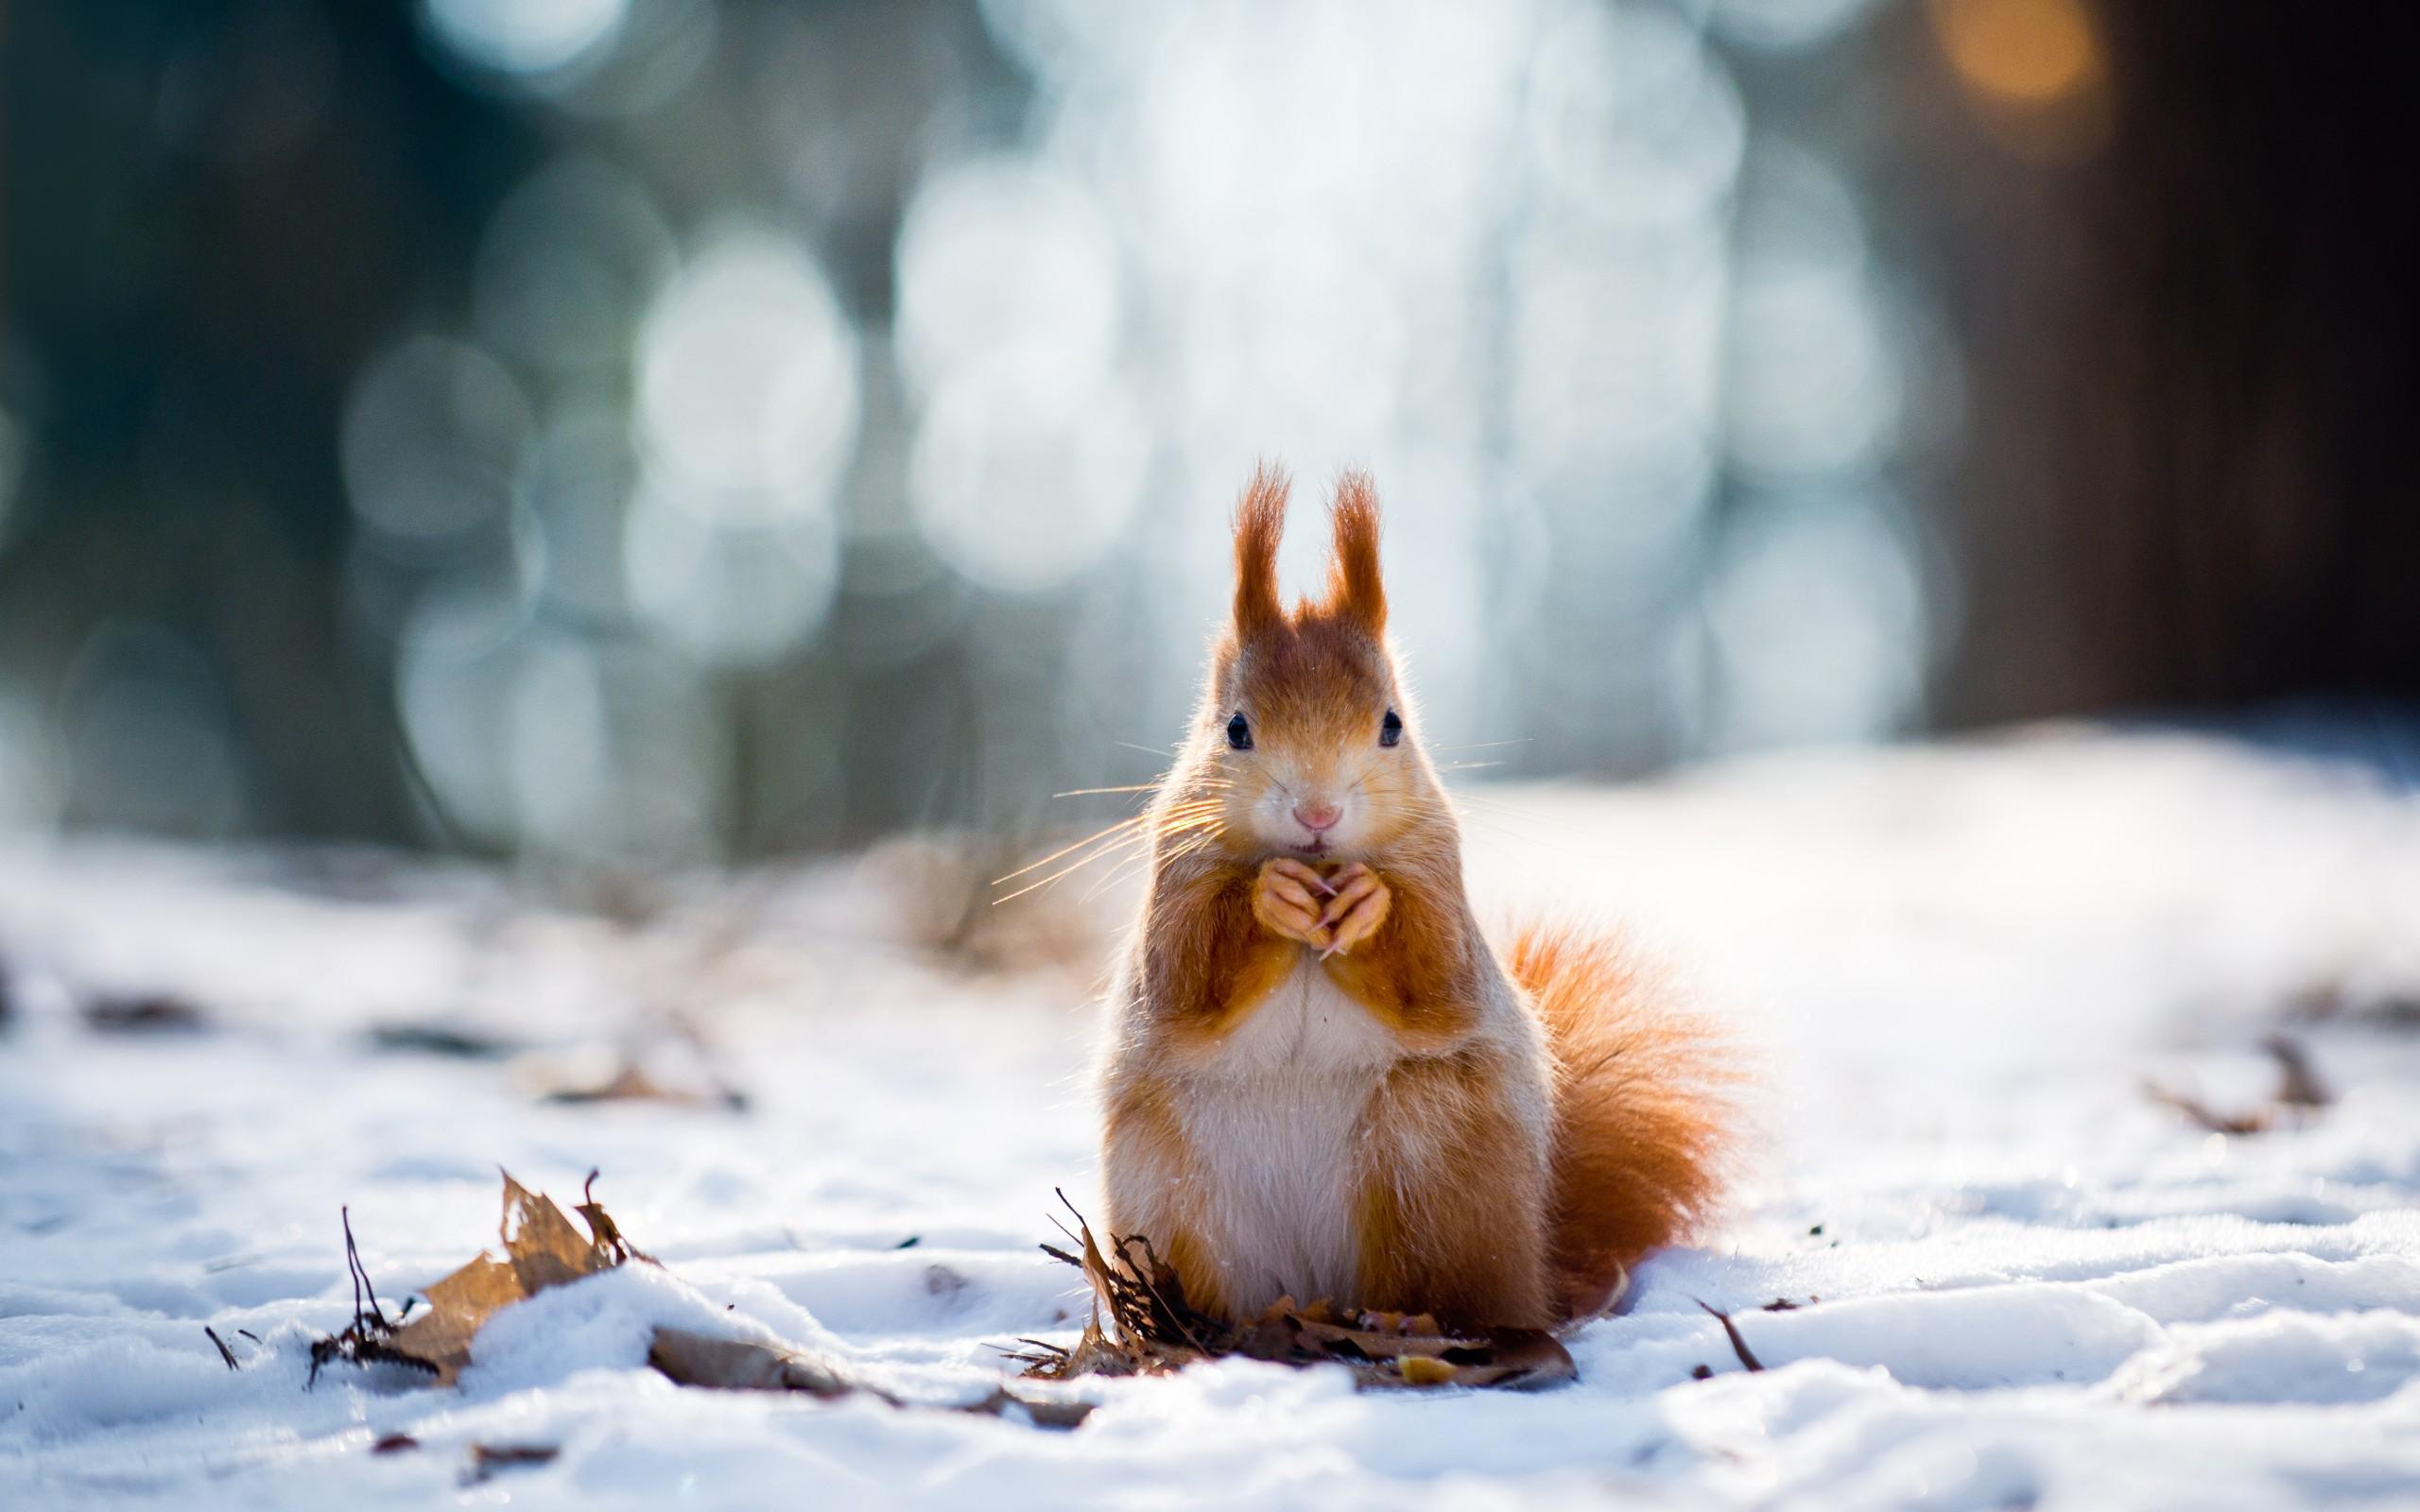 Сестрам, зимние смешные картинки с животными